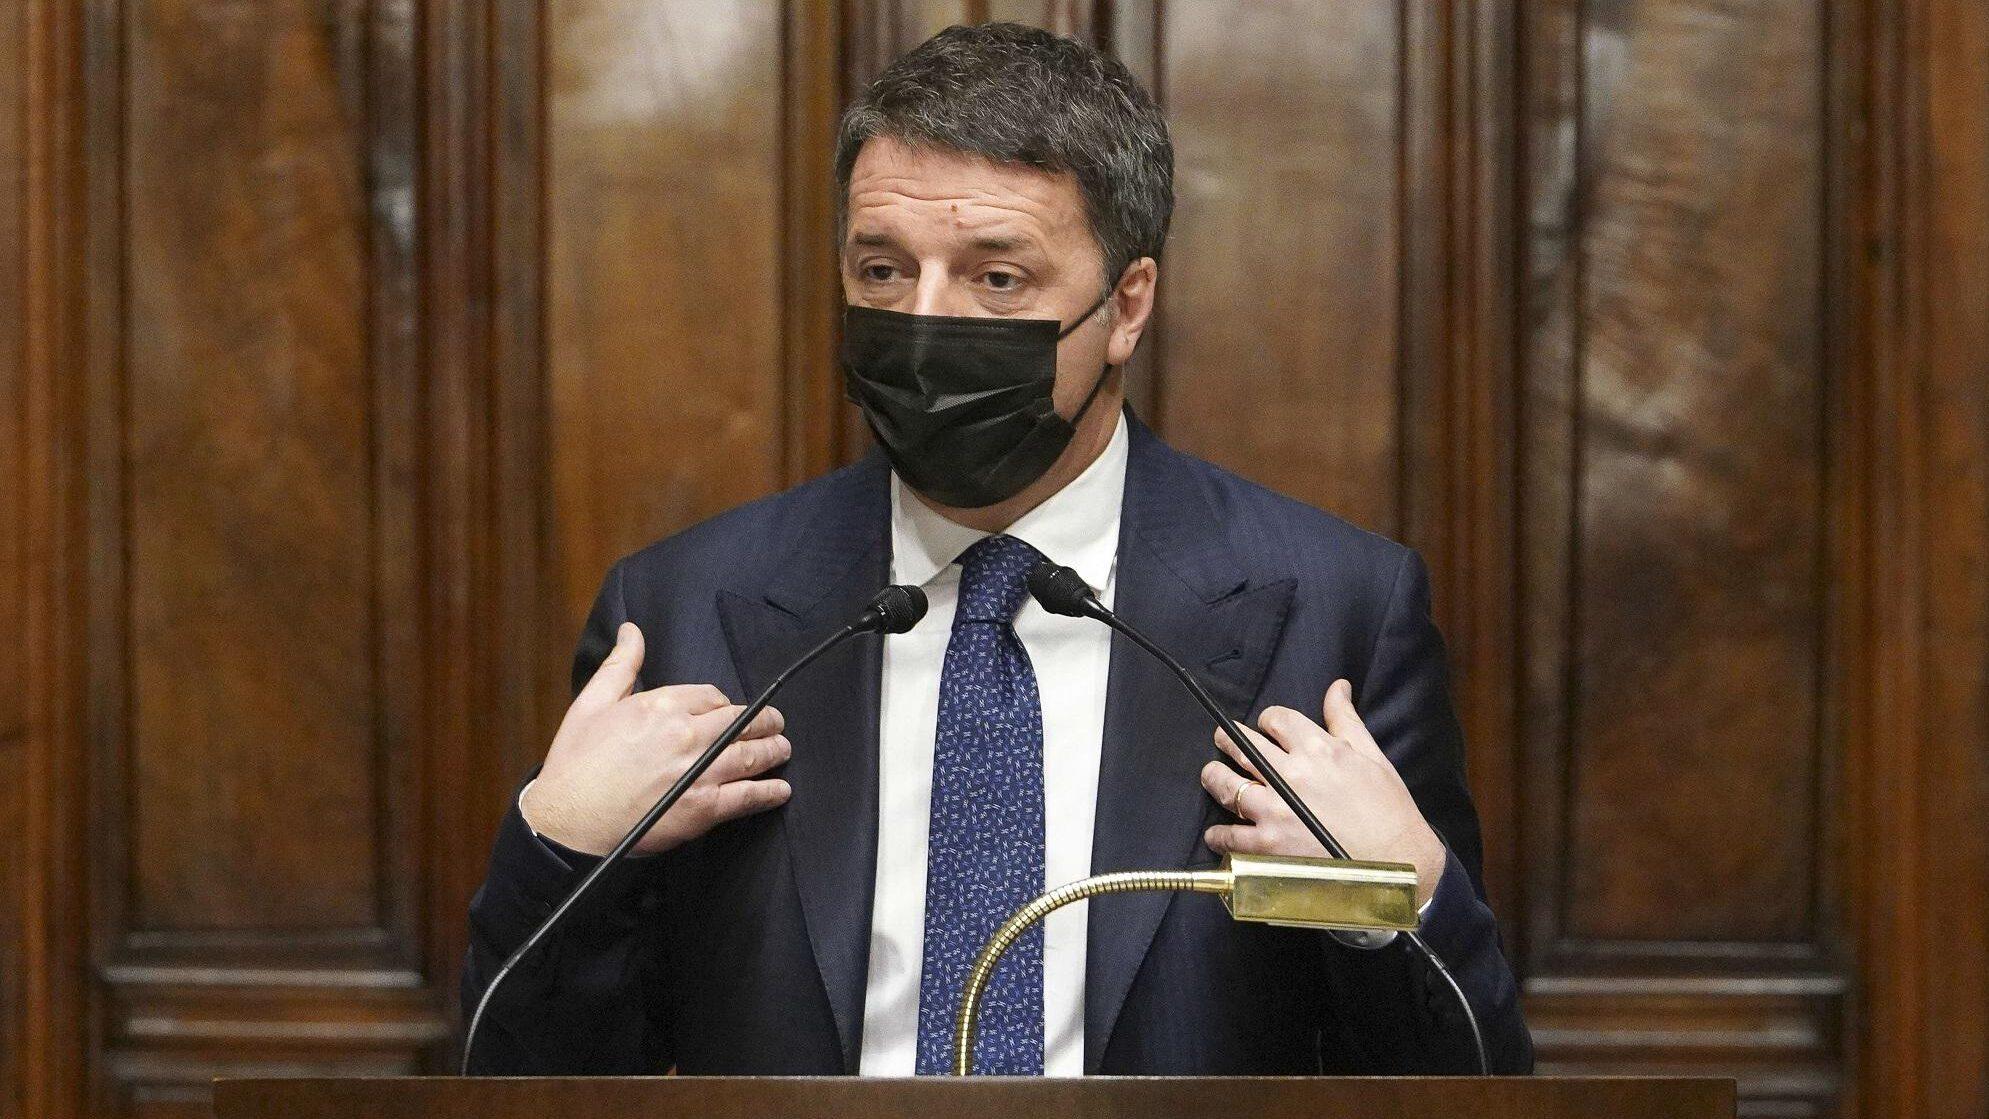 Chi ha incoraggiato Renzi ad aprire la crisi di governo ora?